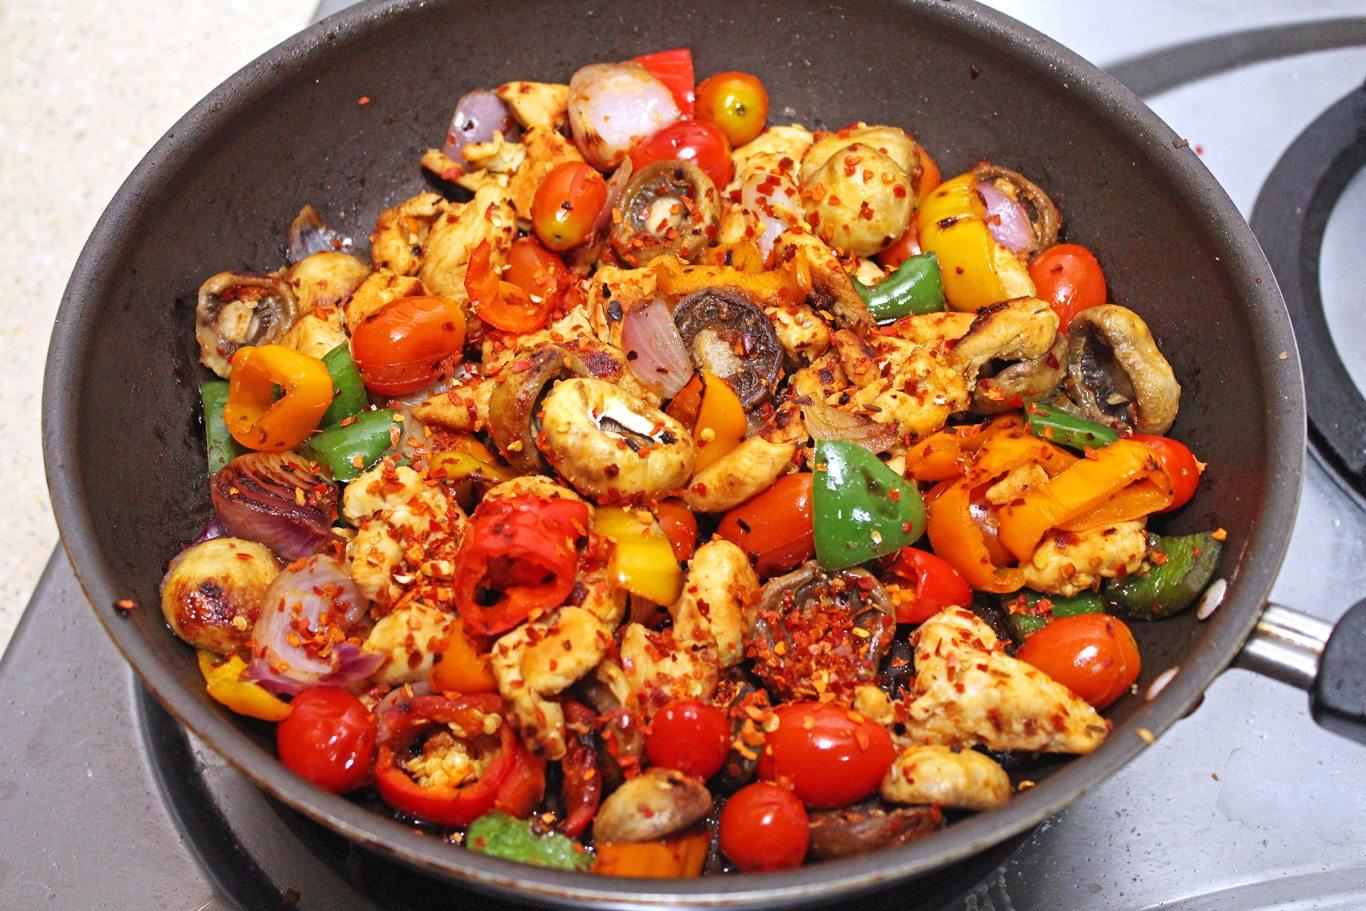 Easy Chicken Stir Fry - Maya Kitchenette